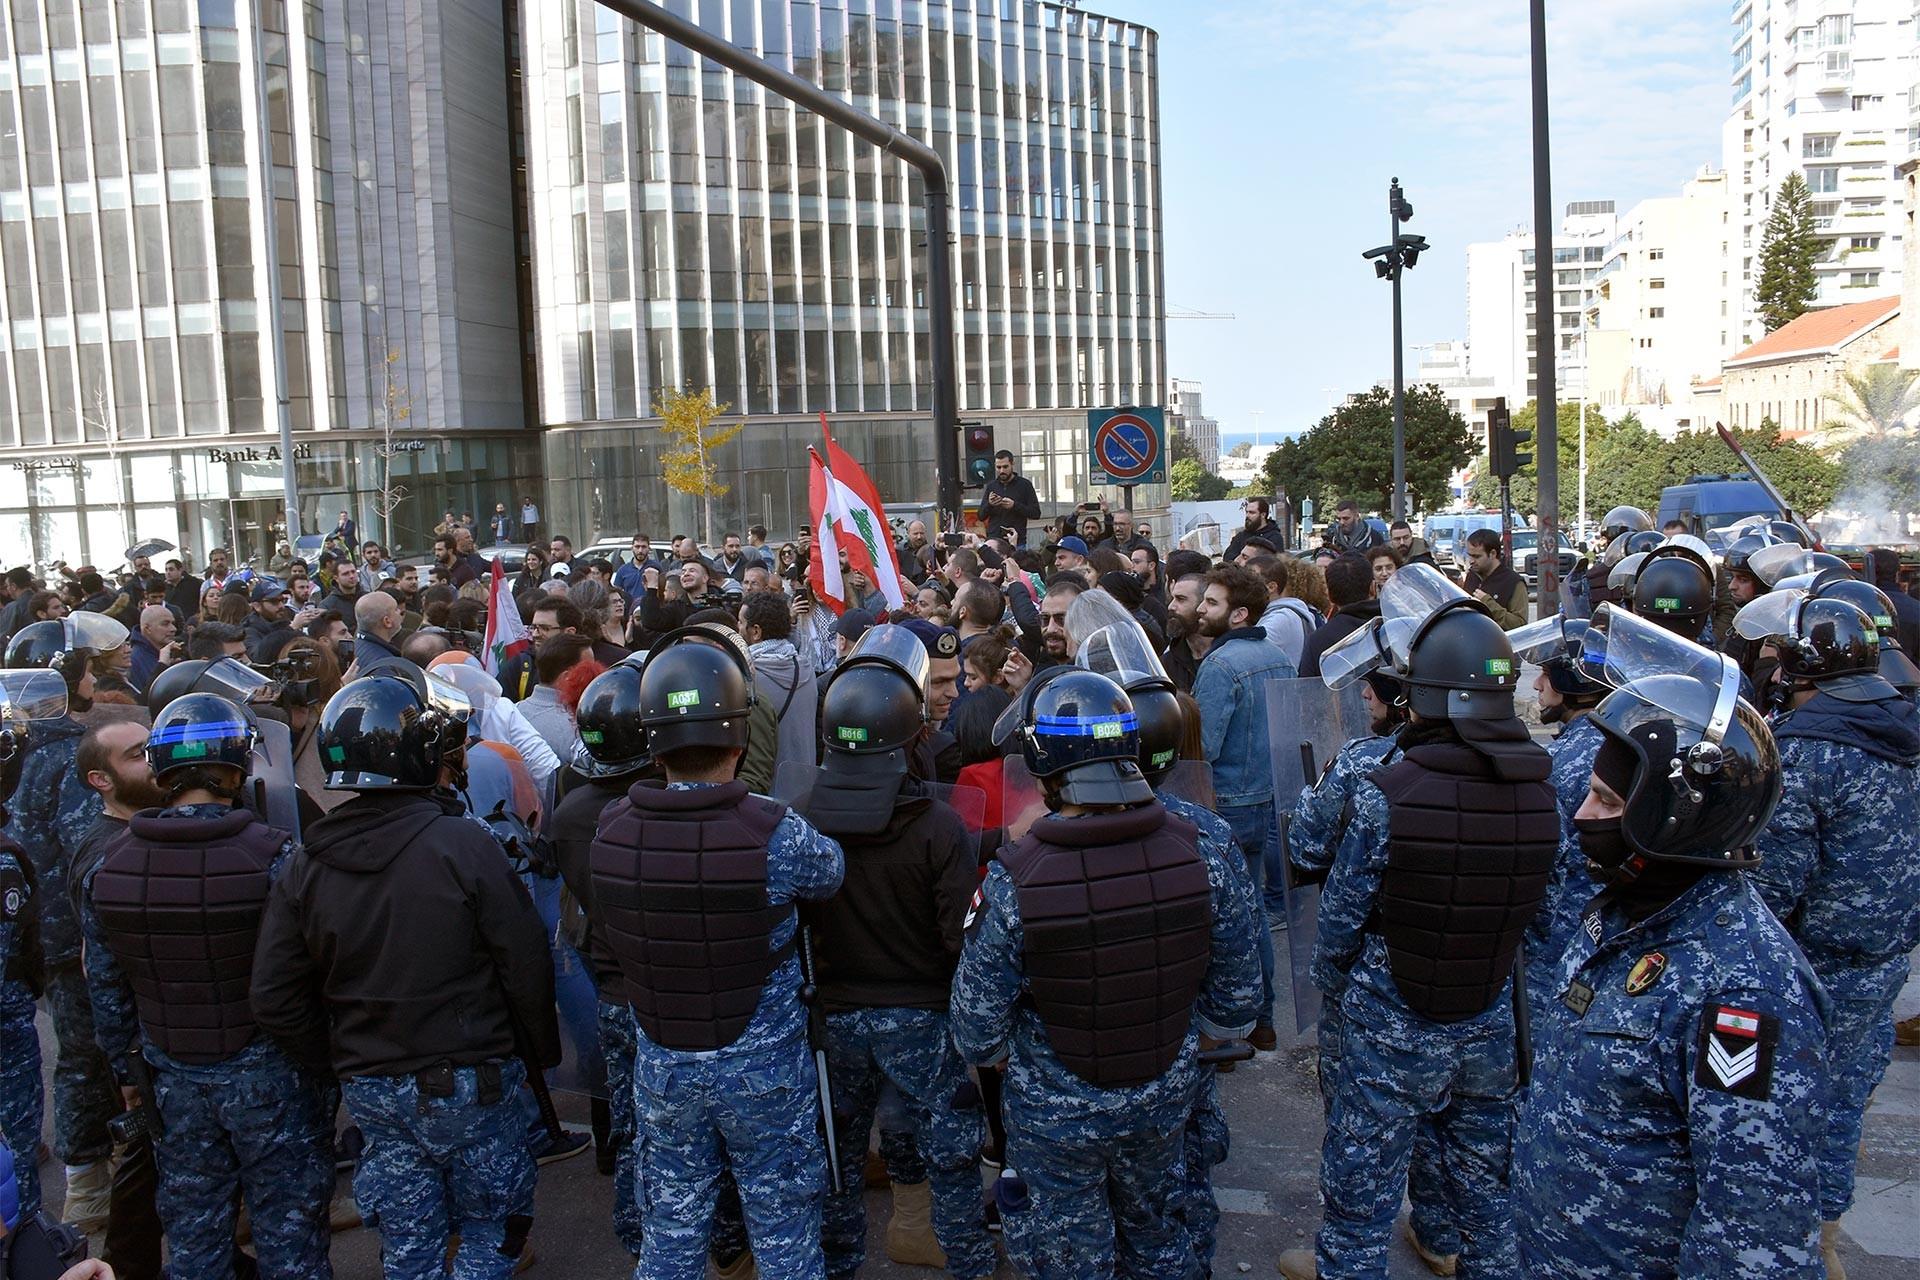 Lübnan'da protesto için toplanan halk ve onları çevreleyen polisler